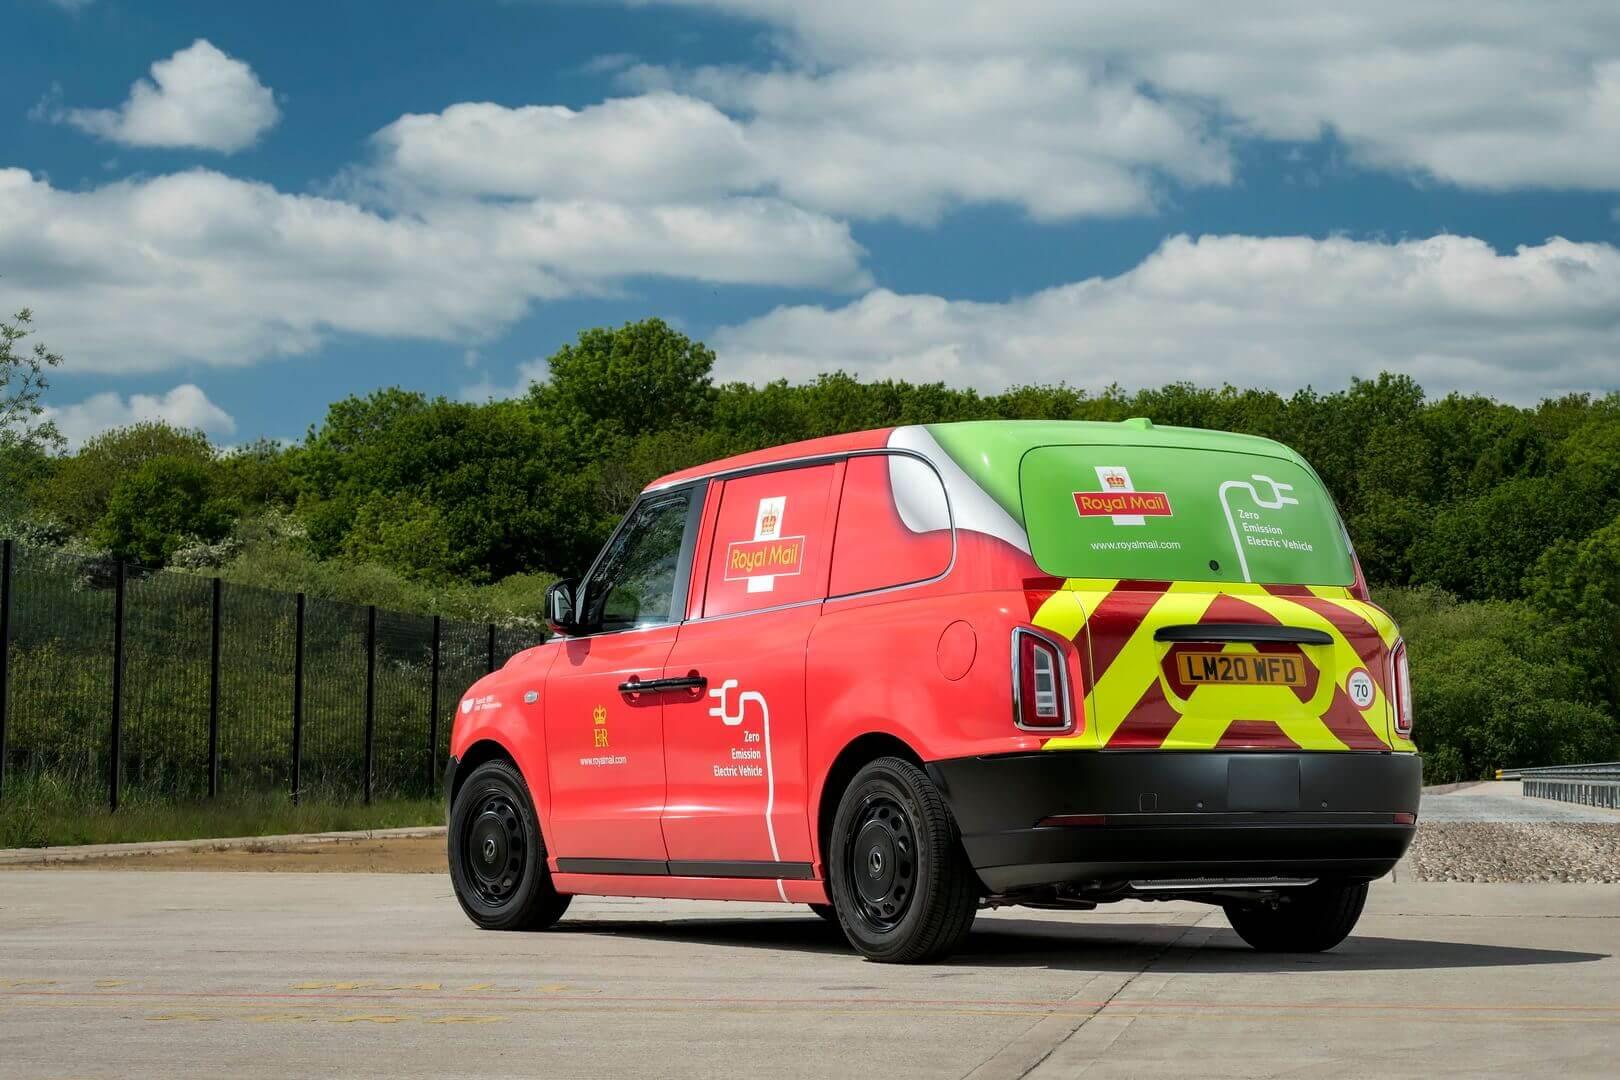 Royal Mail начинает испытания электрического фургона LEVC VN5